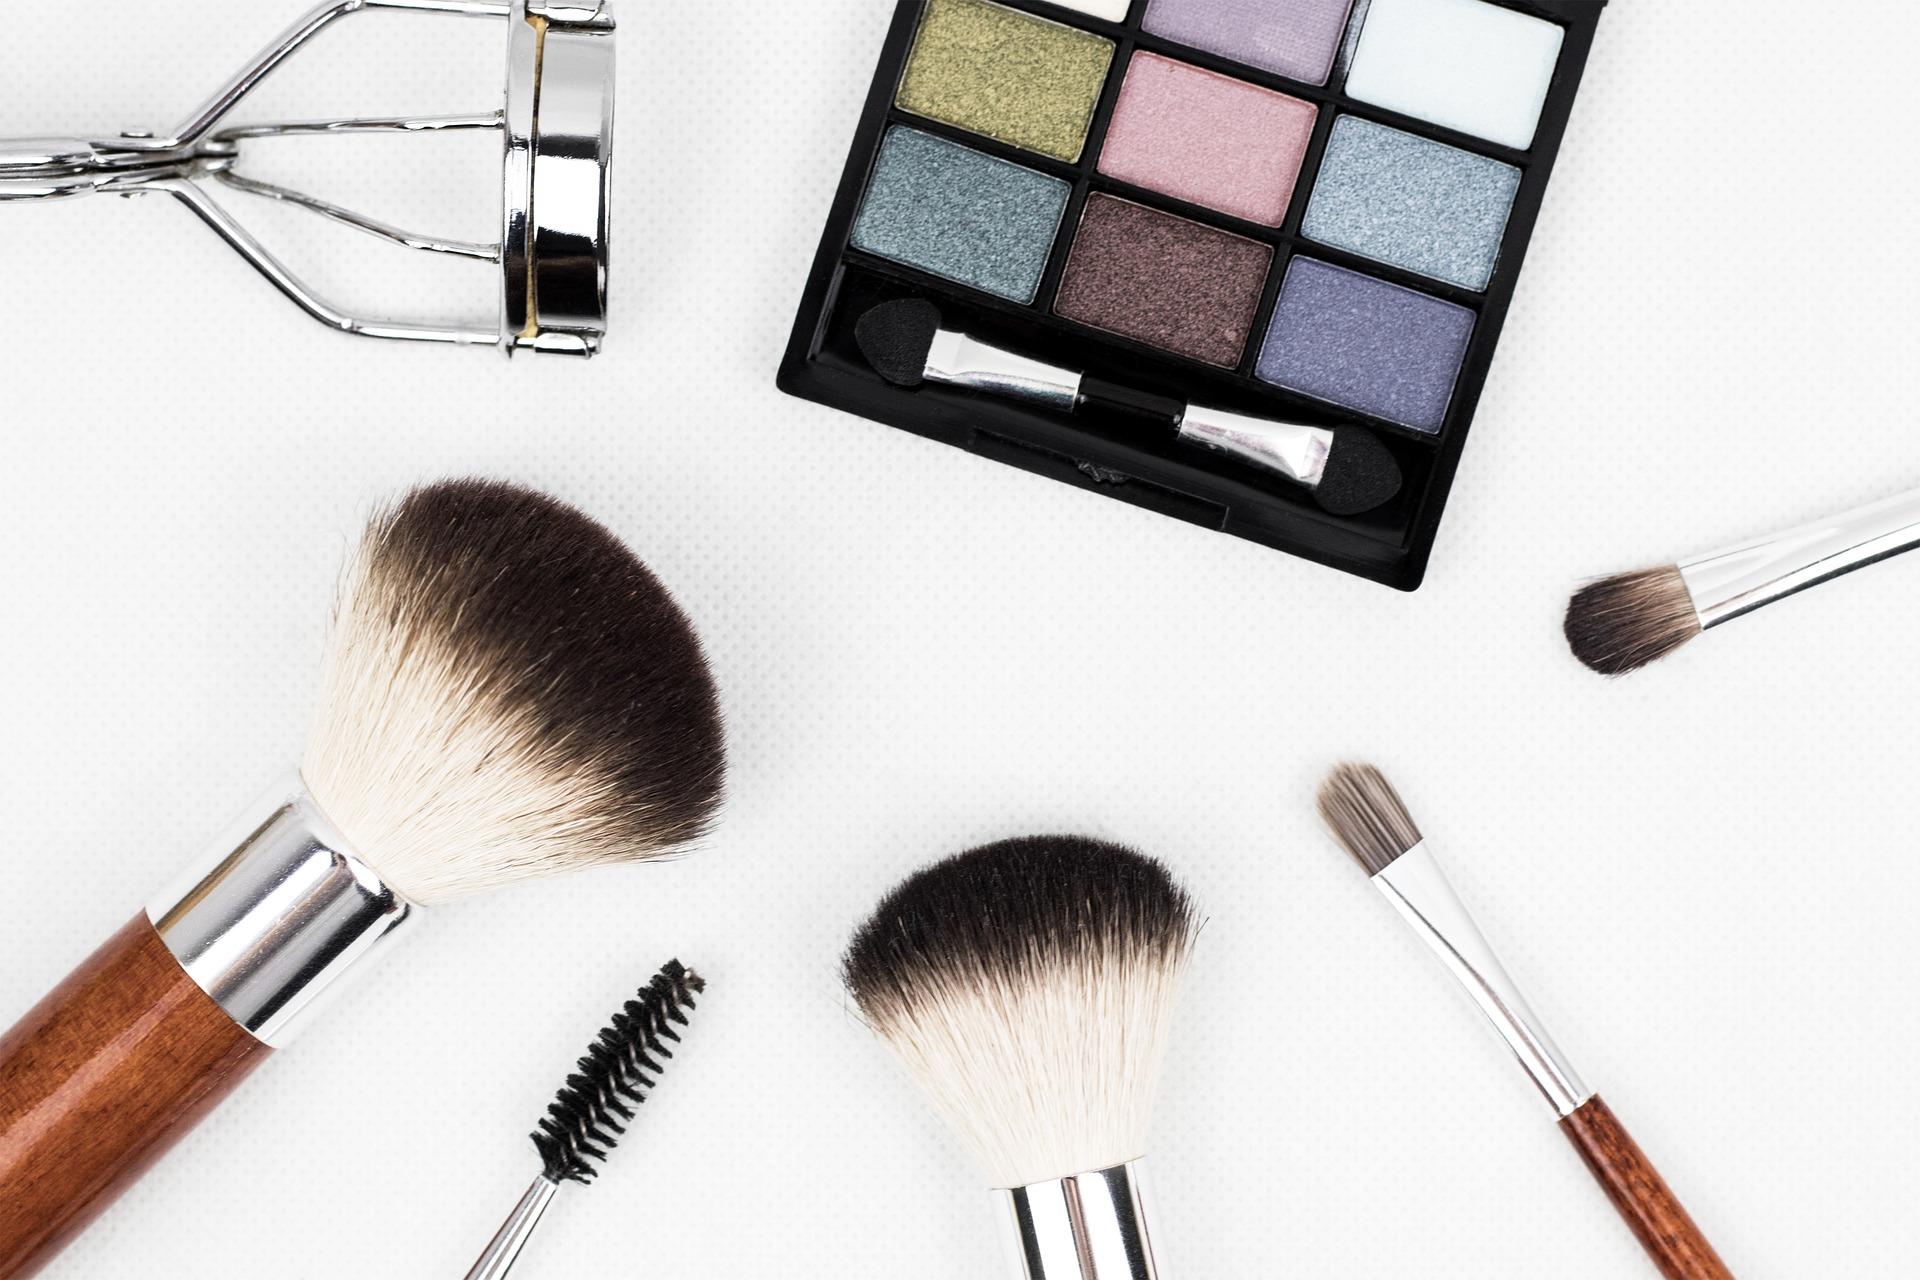 Programme de formation en cosmétique naturel, formulation cosmétique, je fabrique mes cosmétiques, qui est Blandine ulce